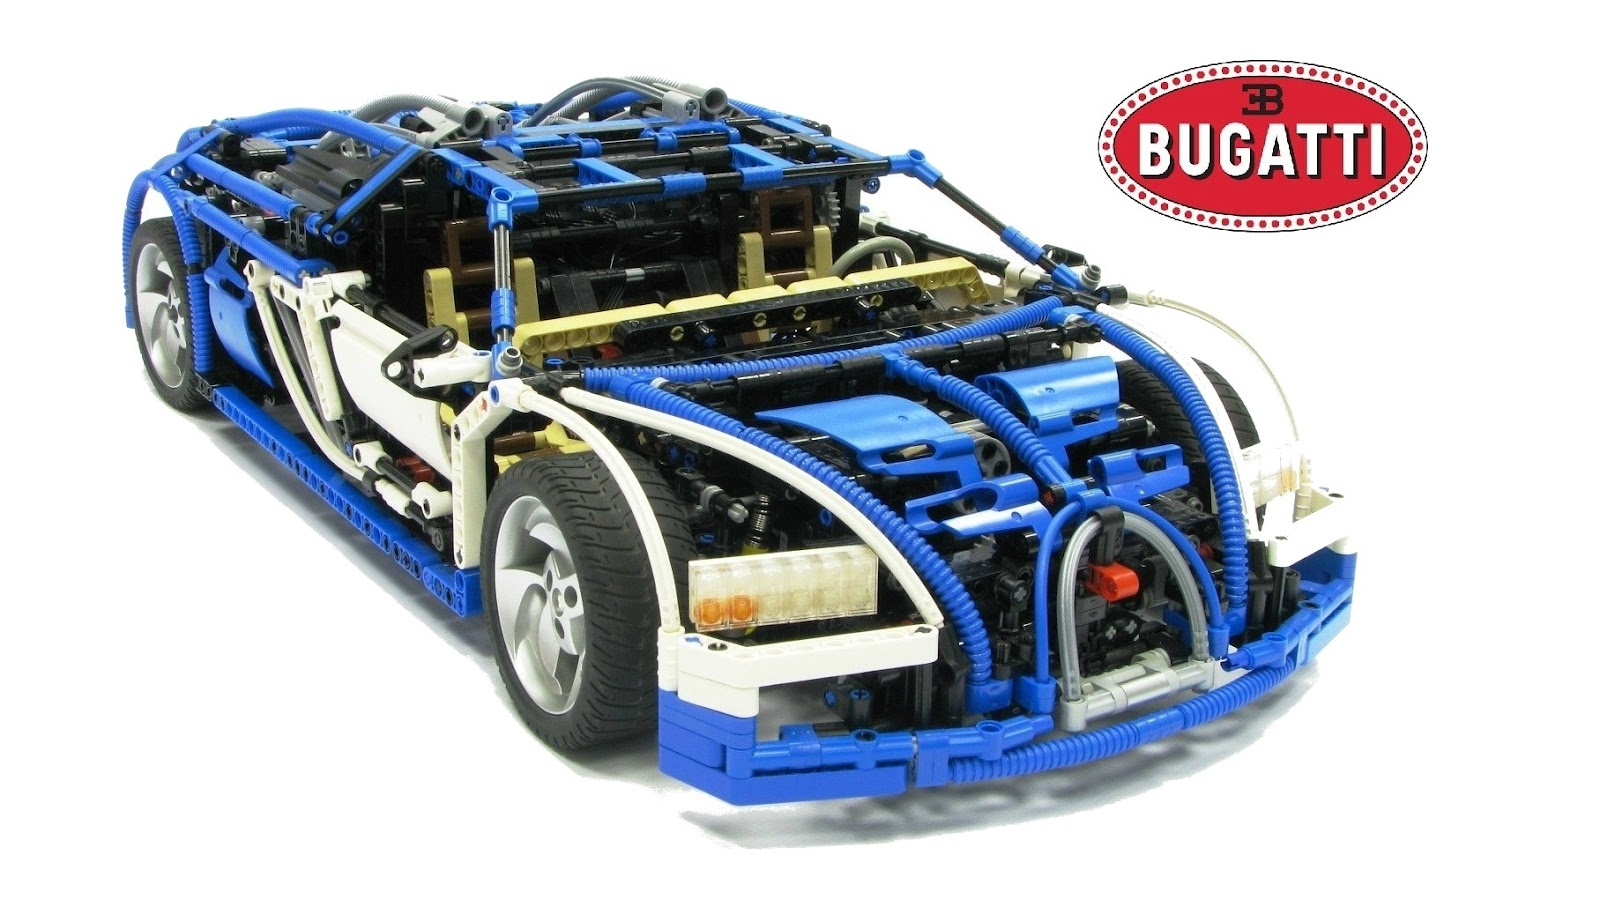 sheepo 39 s garage bugatti veyron and mini cooper in. Black Bedroom Furniture Sets. Home Design Ideas